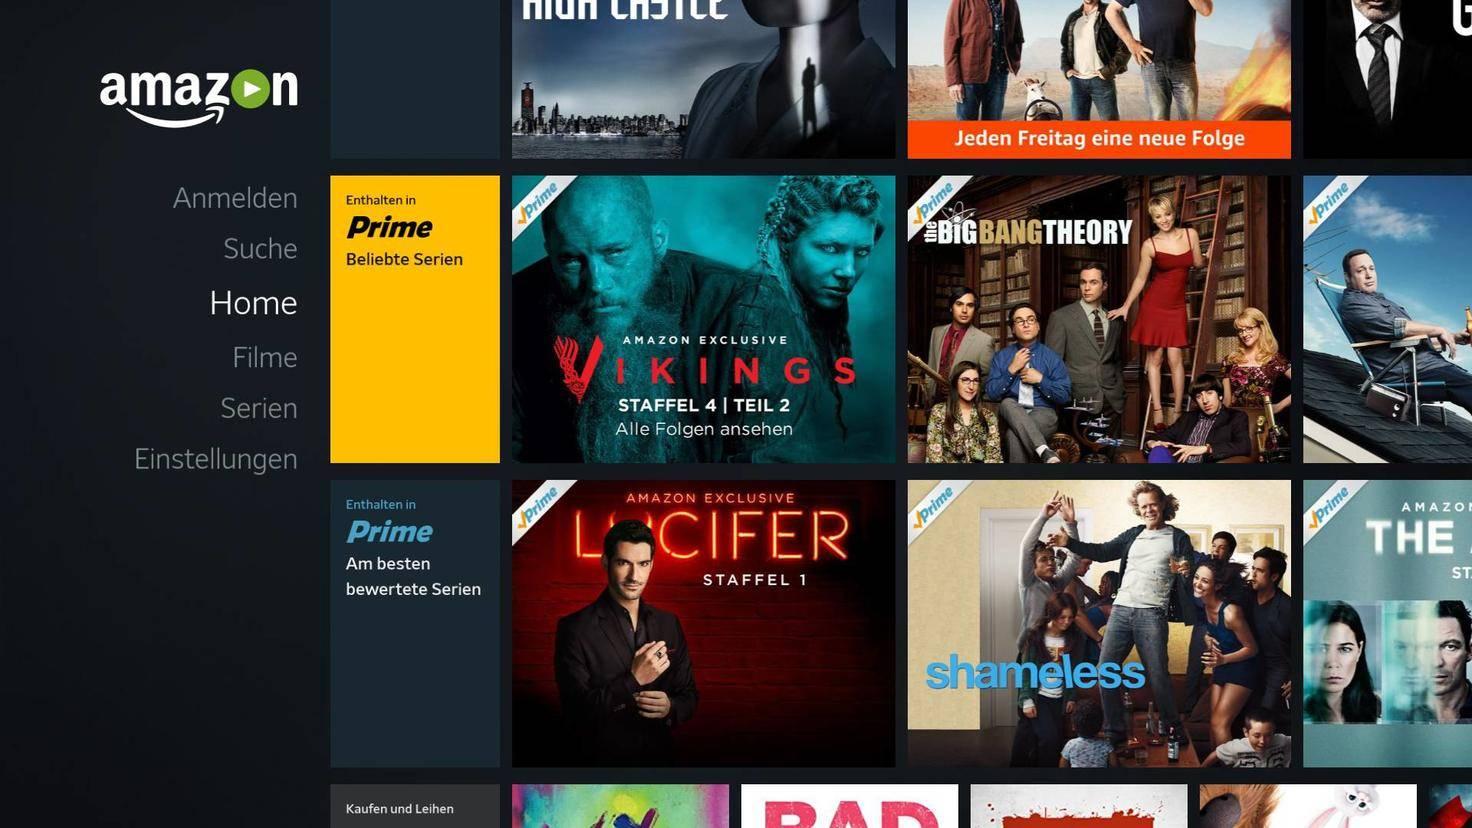 Führende Streaming-Anbieter wie Amazon sind mit an Bord.